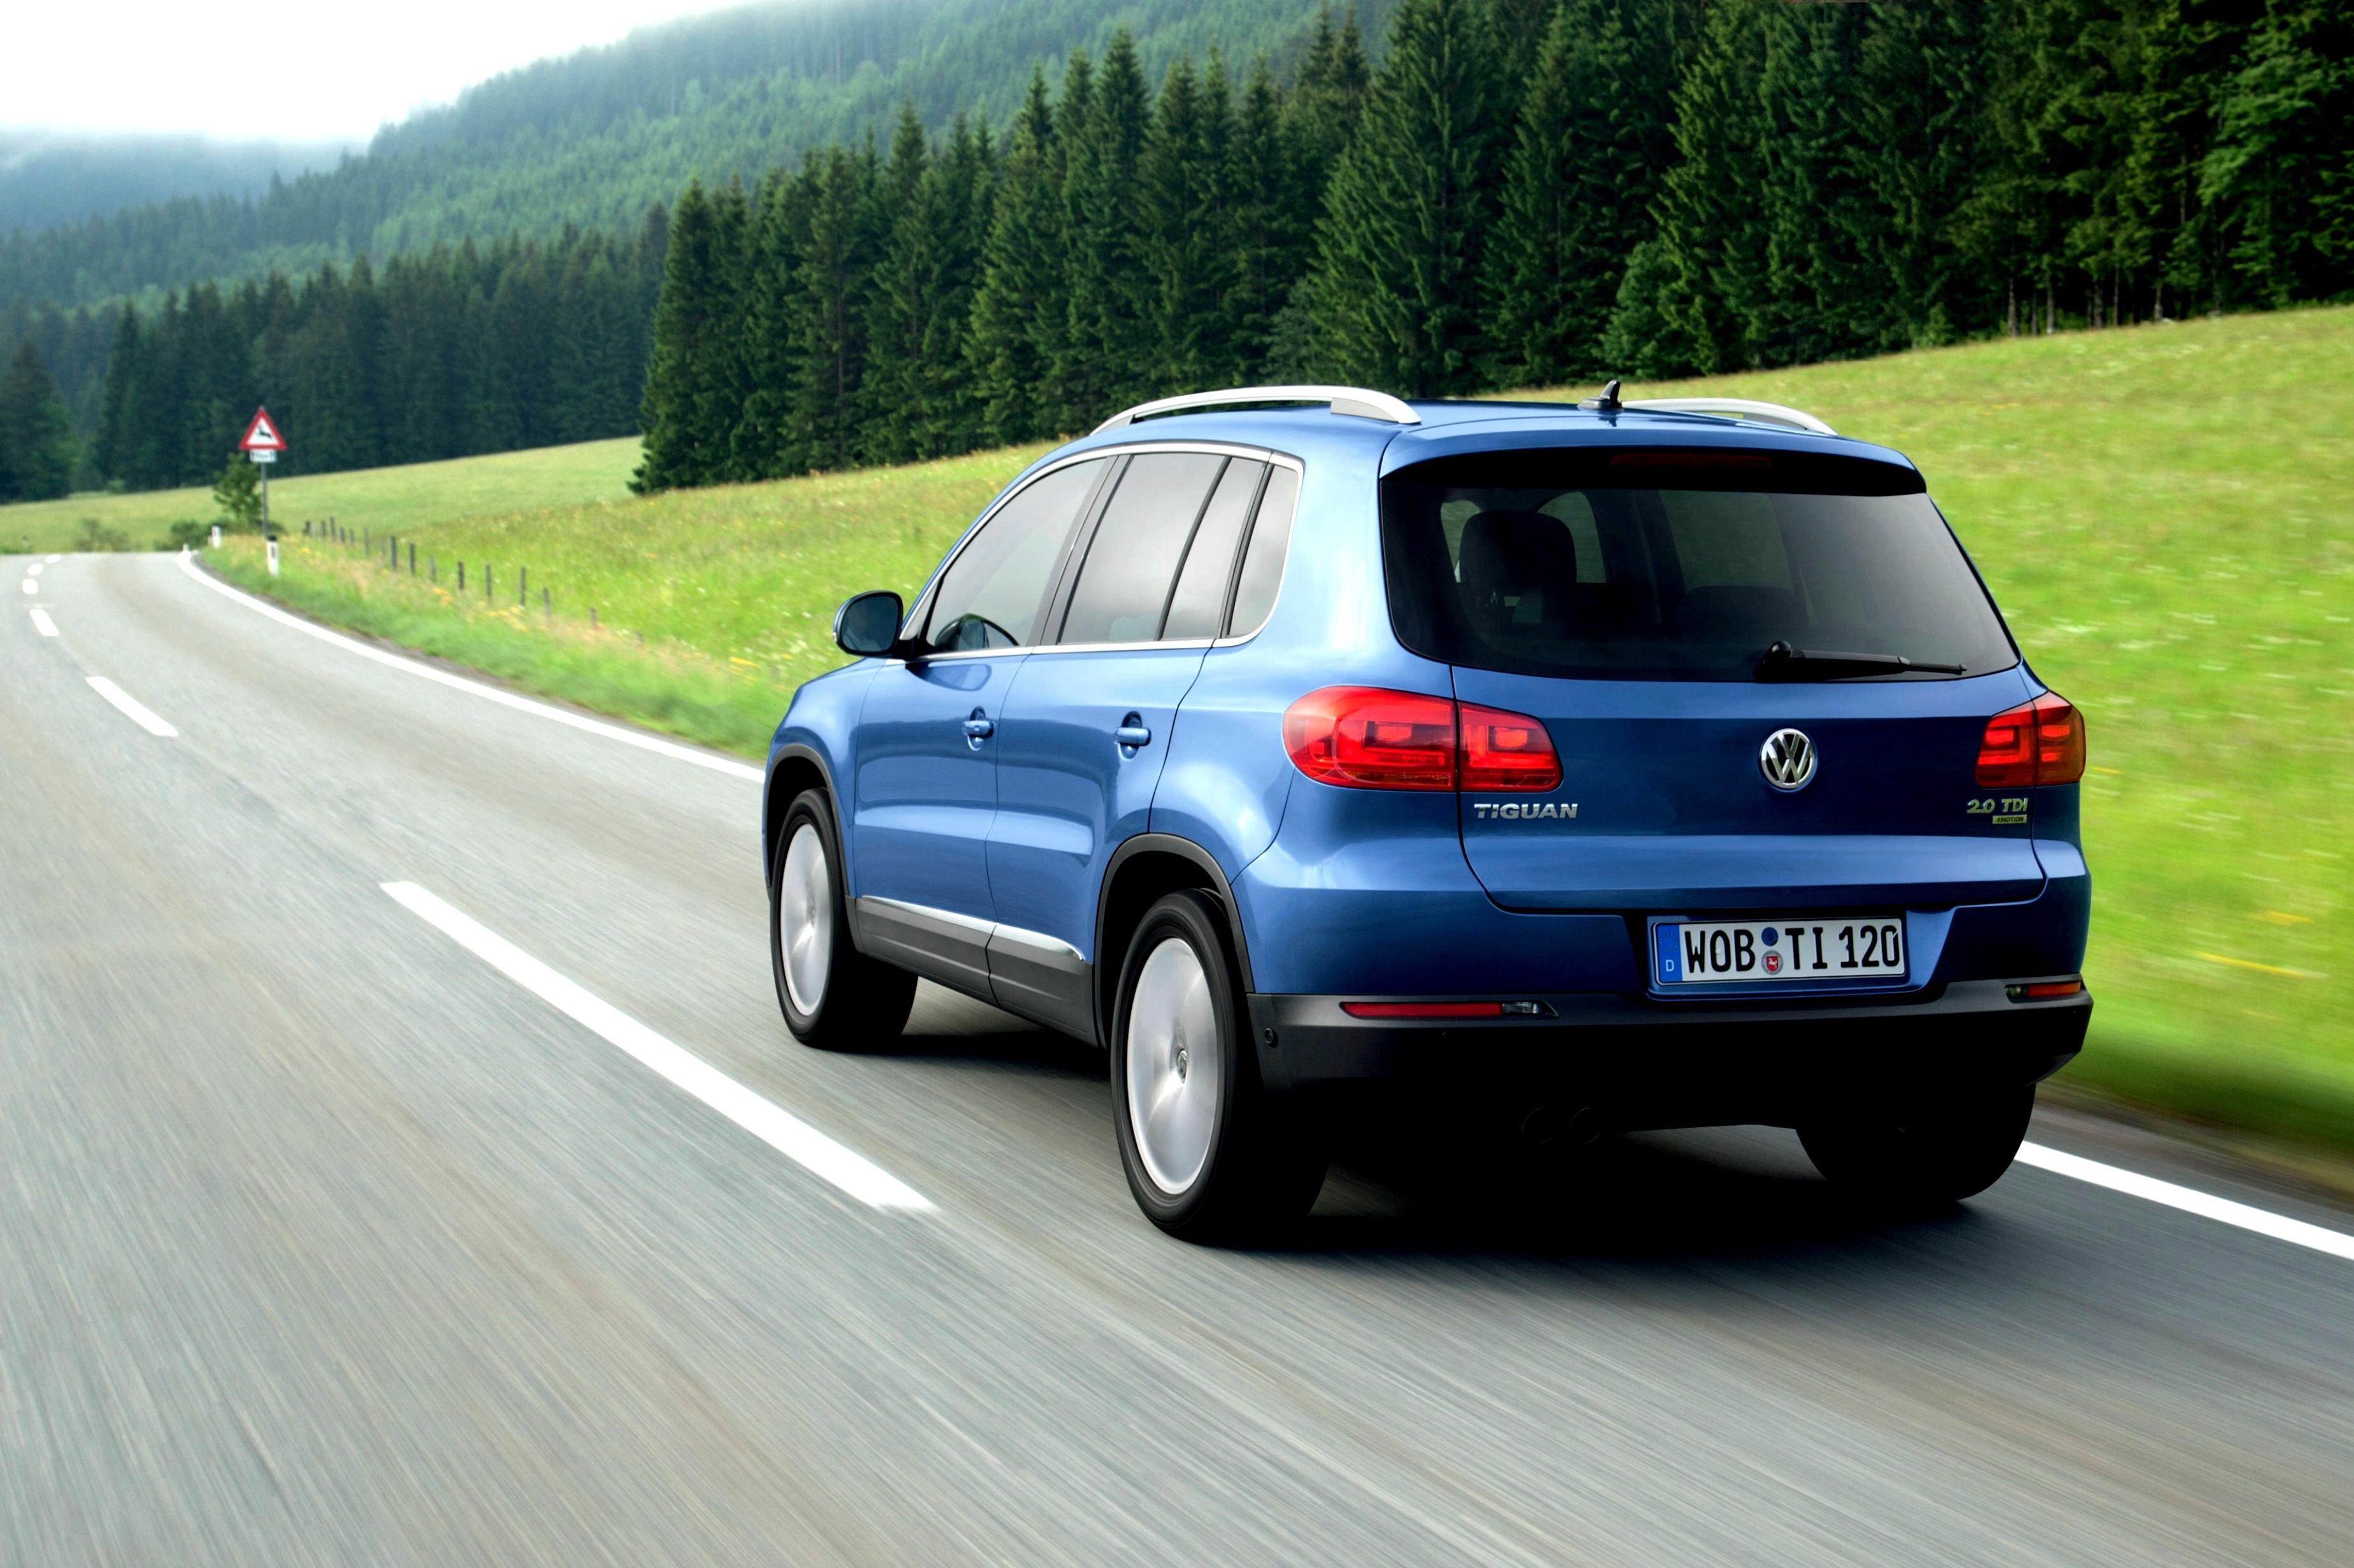 Почему VW Tiguan с турбодизелем и АКПП стартует со второй передачи?